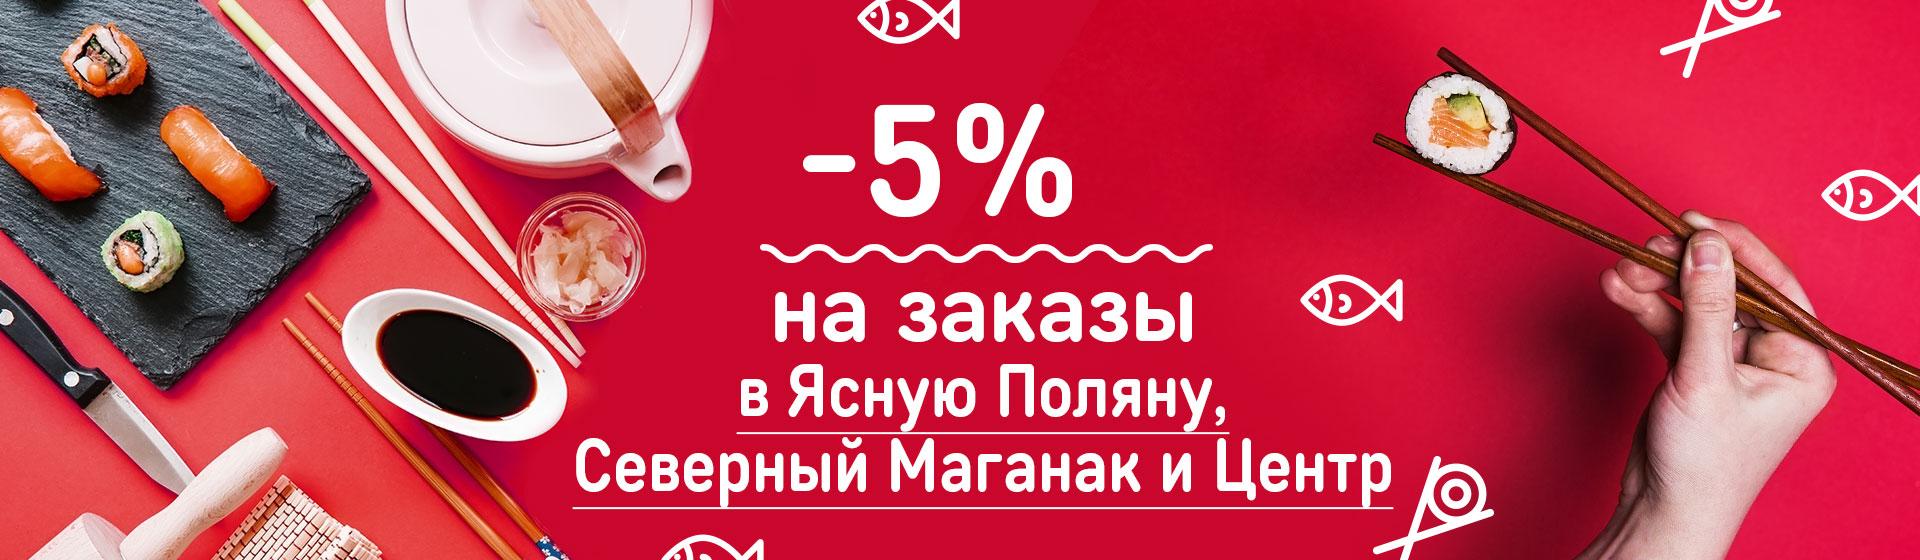 5% скидка